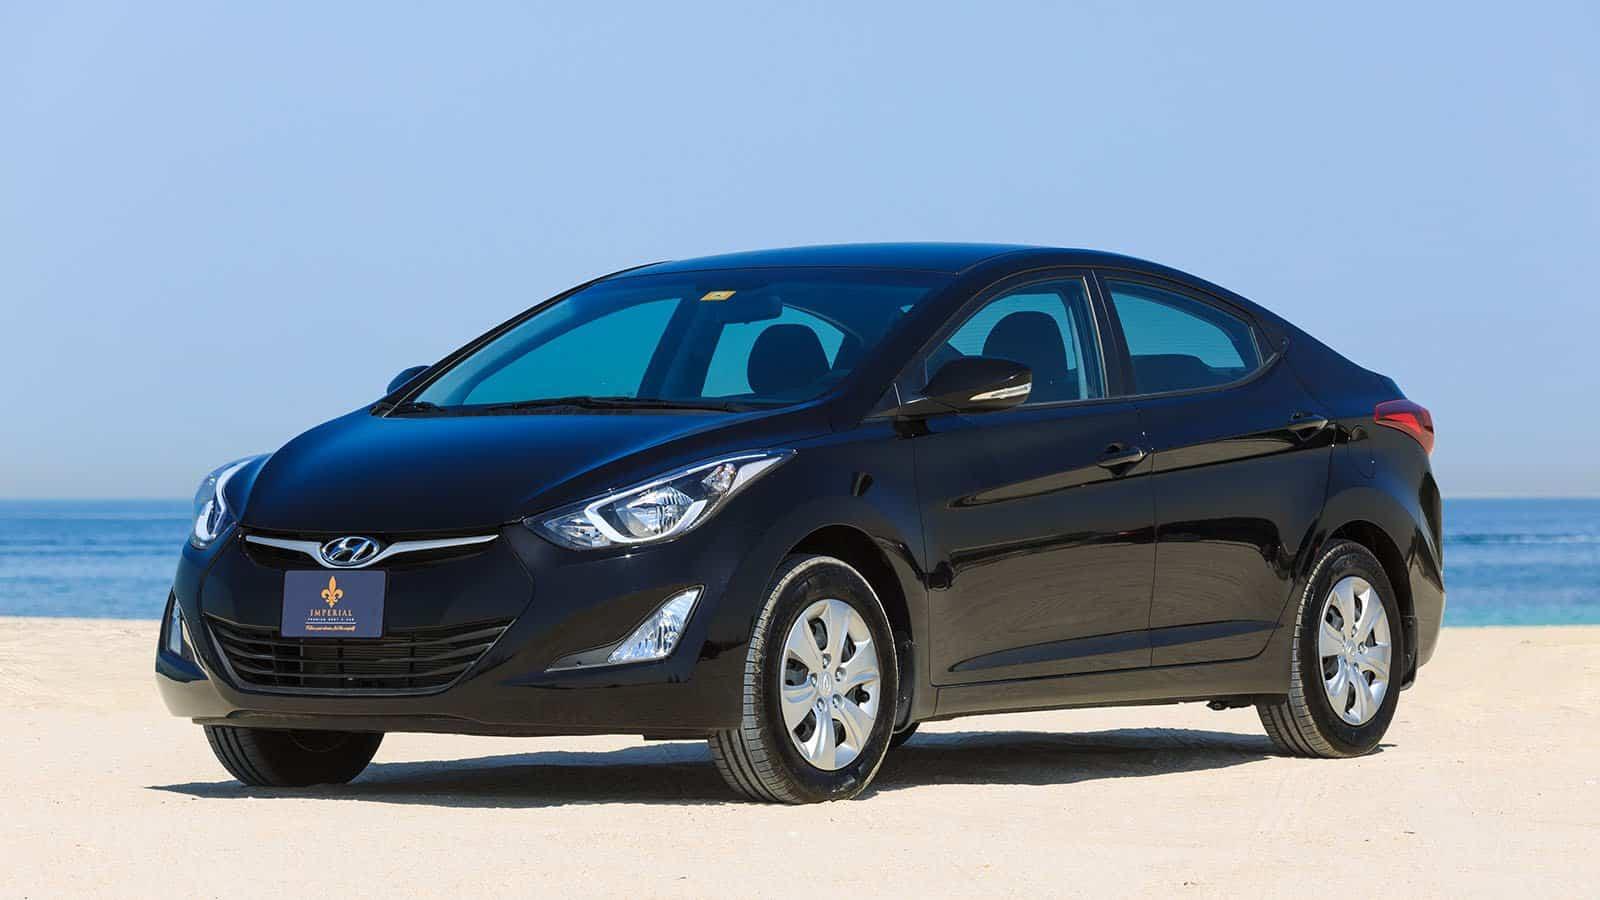 Hyundai Elantra Car Rental Dubai